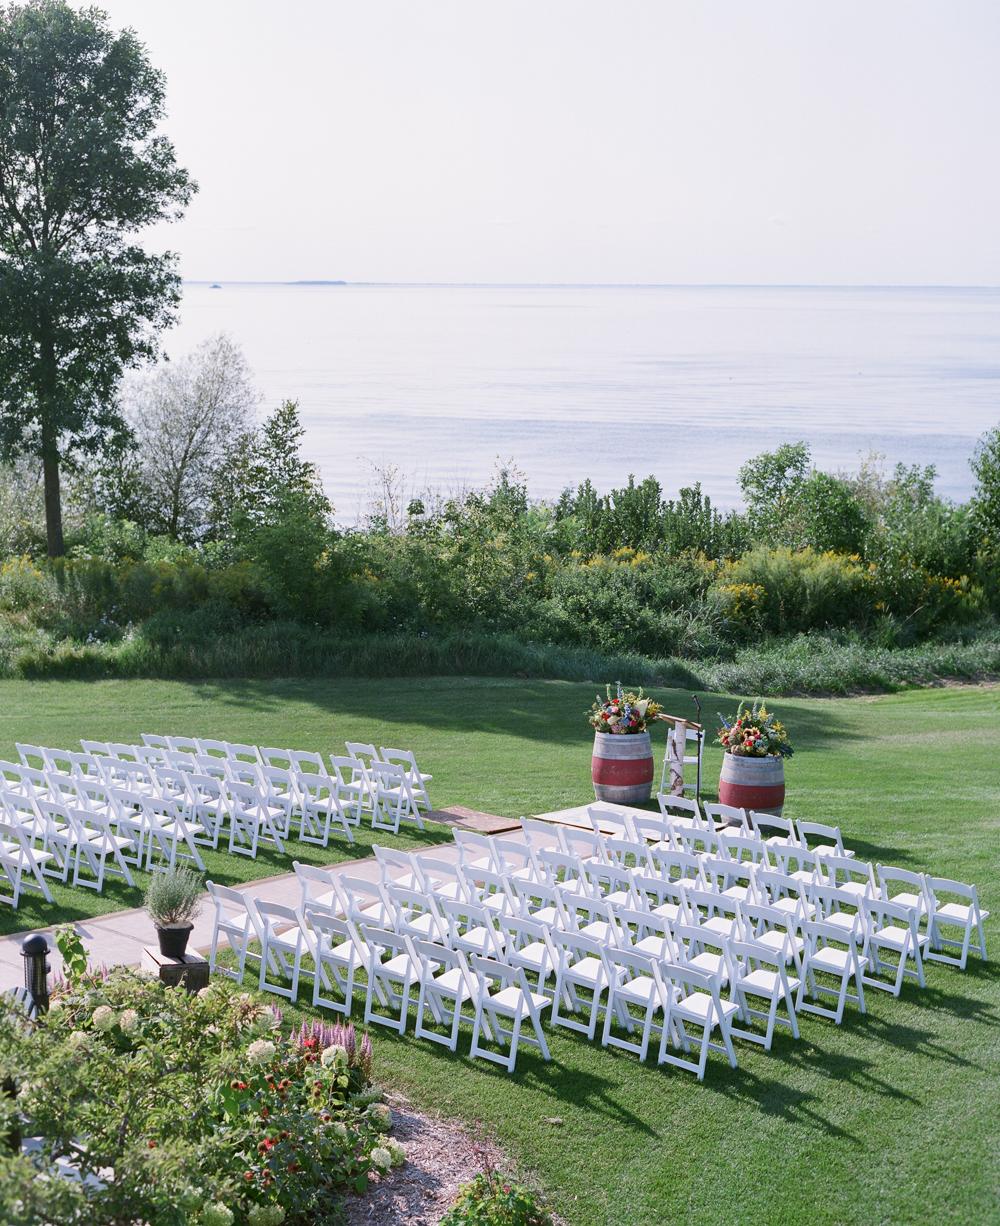 Door County Horseshoe Bay Wedding outdoor ceremony chairs